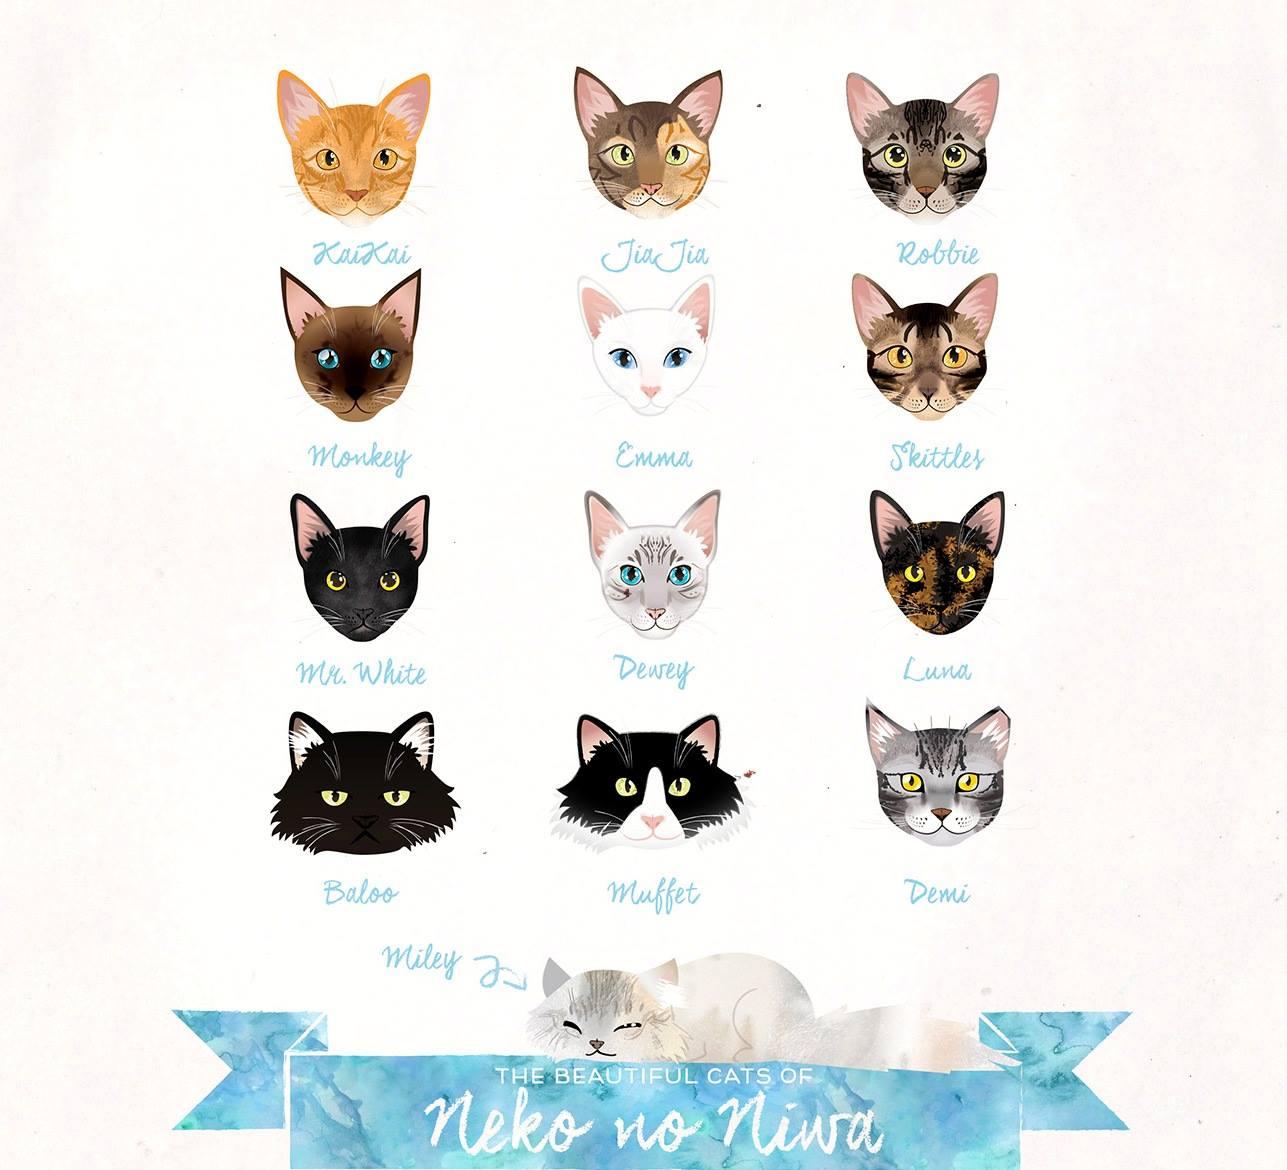 【猫ネタ】猫目的の観光もアリかも!?シンガポールでは猫ブームが!?